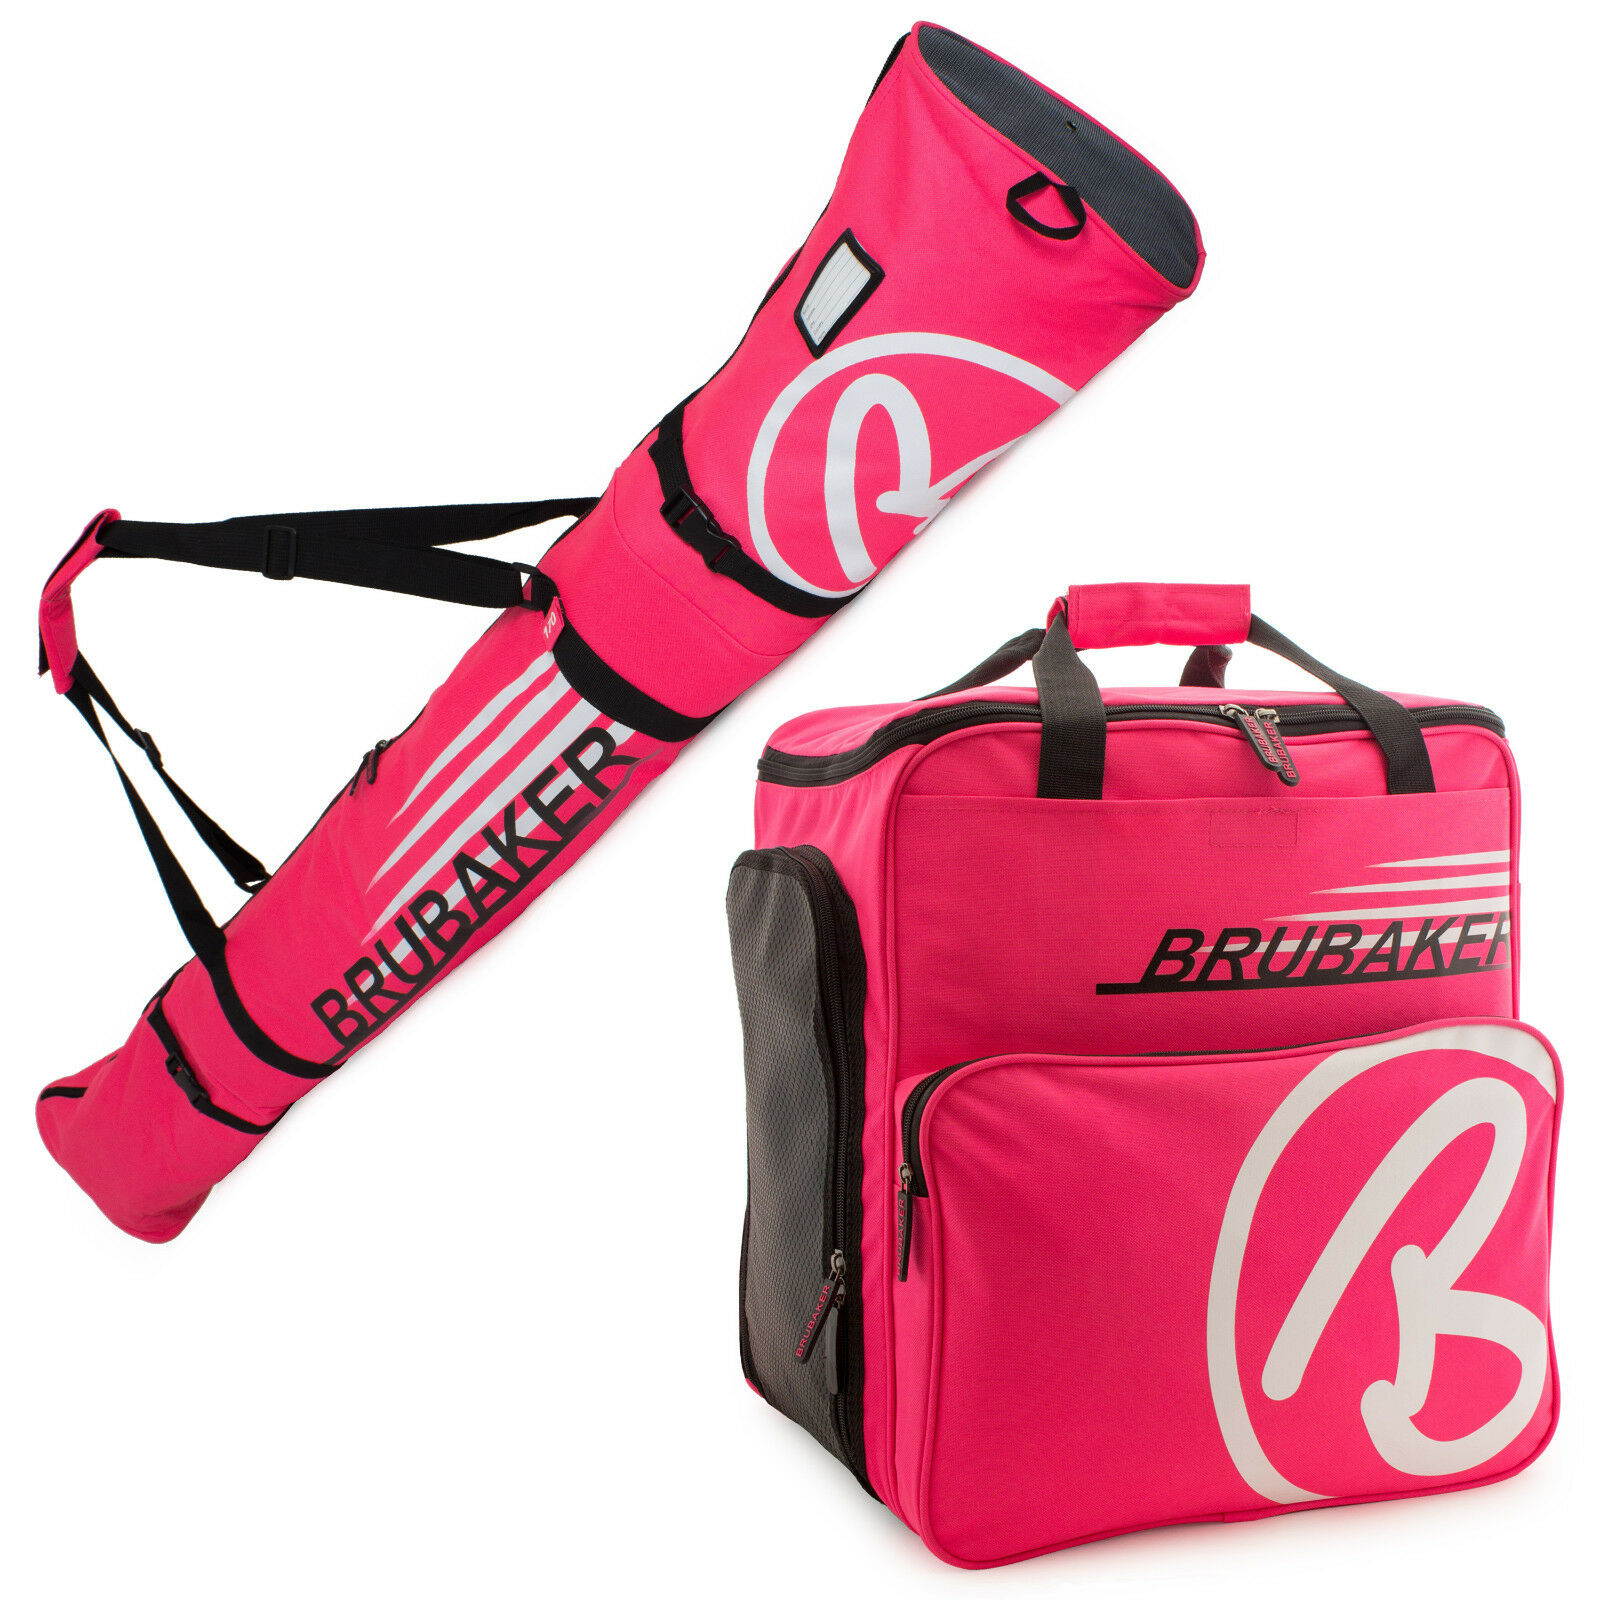 BRUBAKER 'Champion' Combo Boot Bag + Ski Bag Hot Pink White 170 or 190 cm